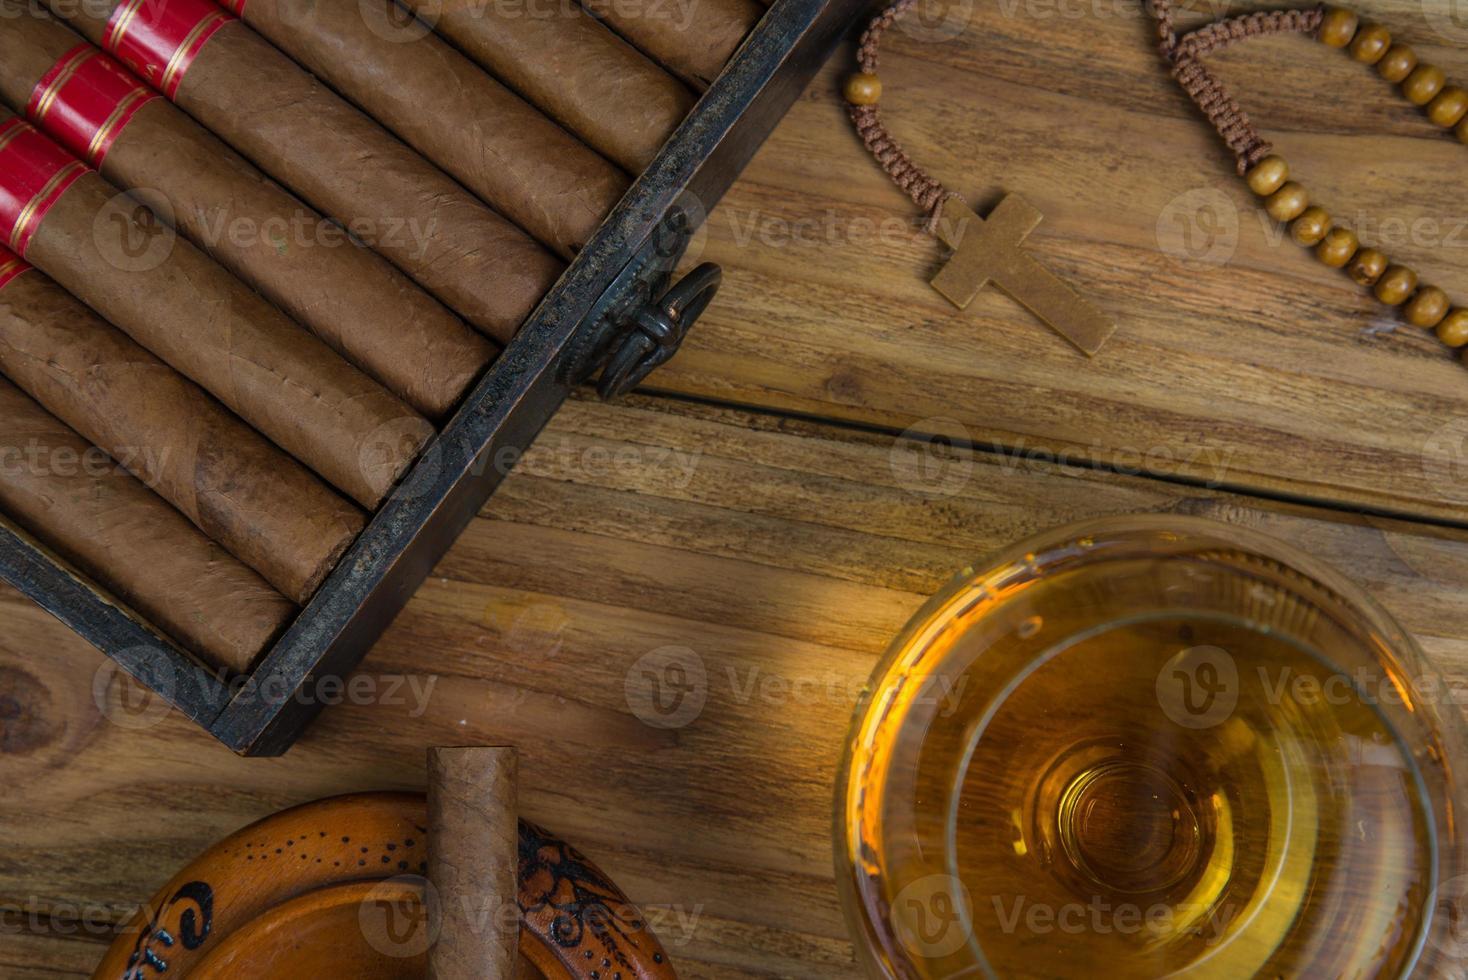 cigarros y ron o alcohol en la mesa foto